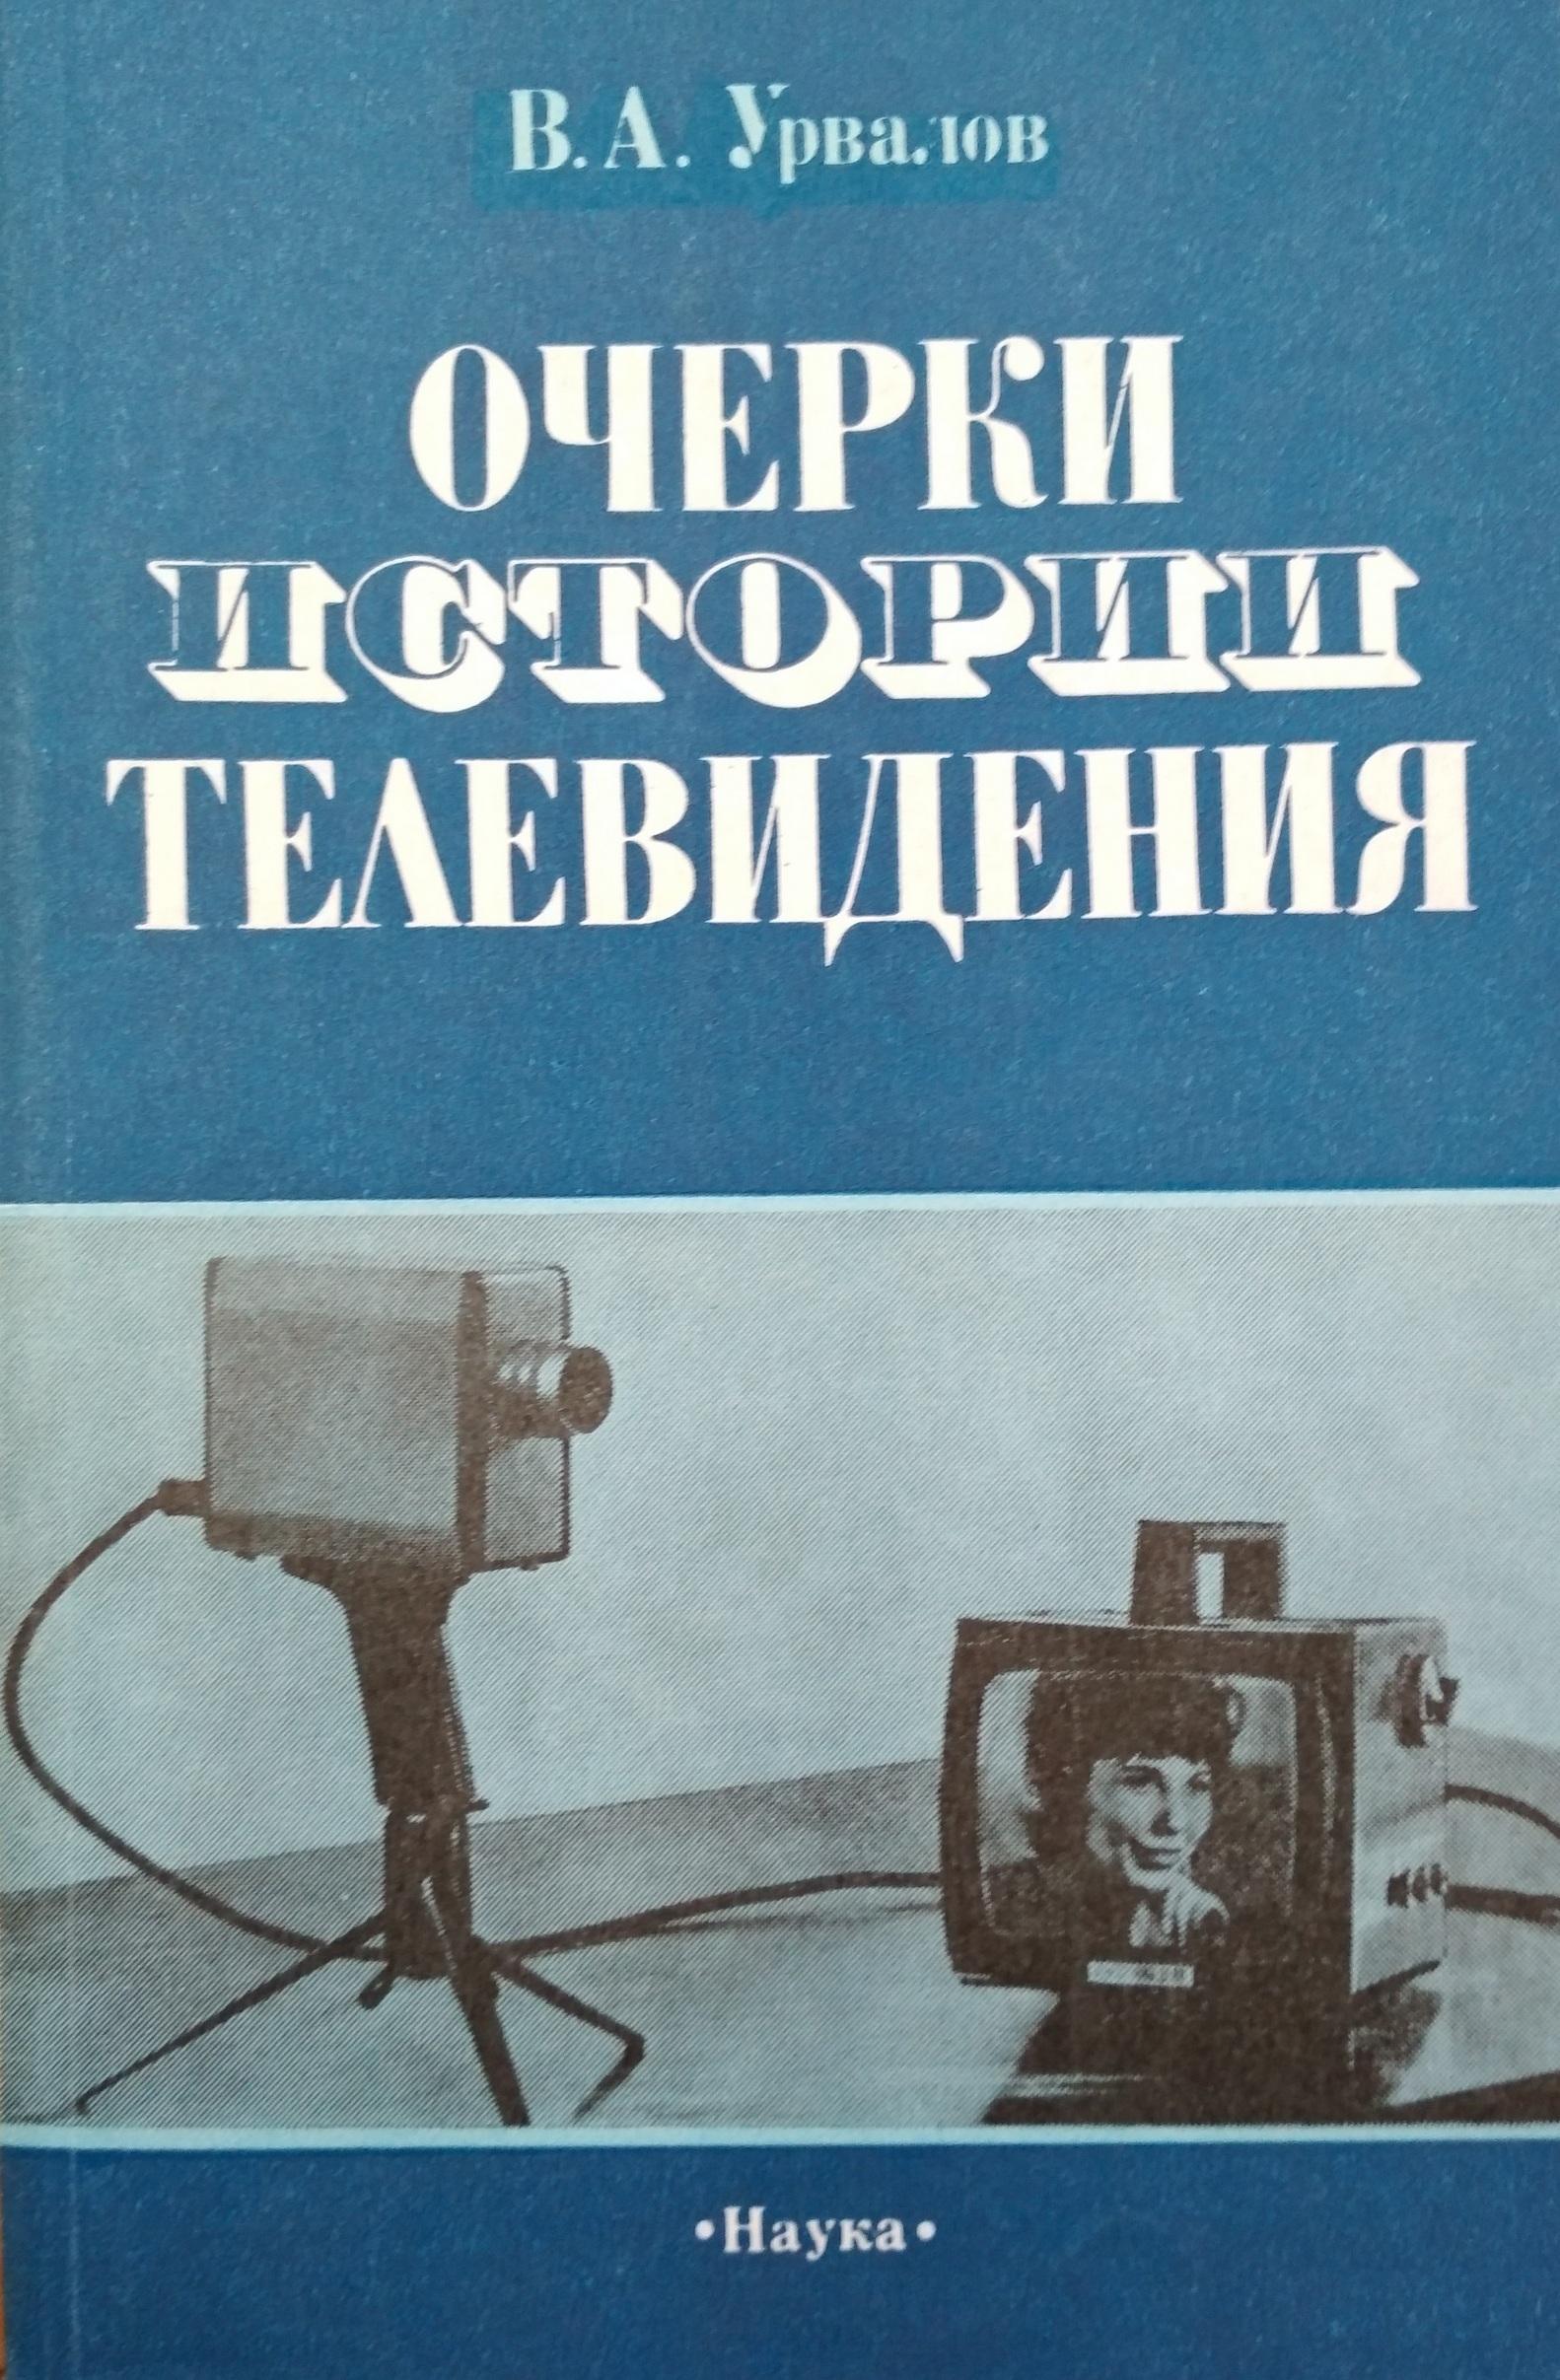 Выставка «Эпоха советского телевидения: к 50-летию программы «Время» – события на сайте «Московские Сезоны»